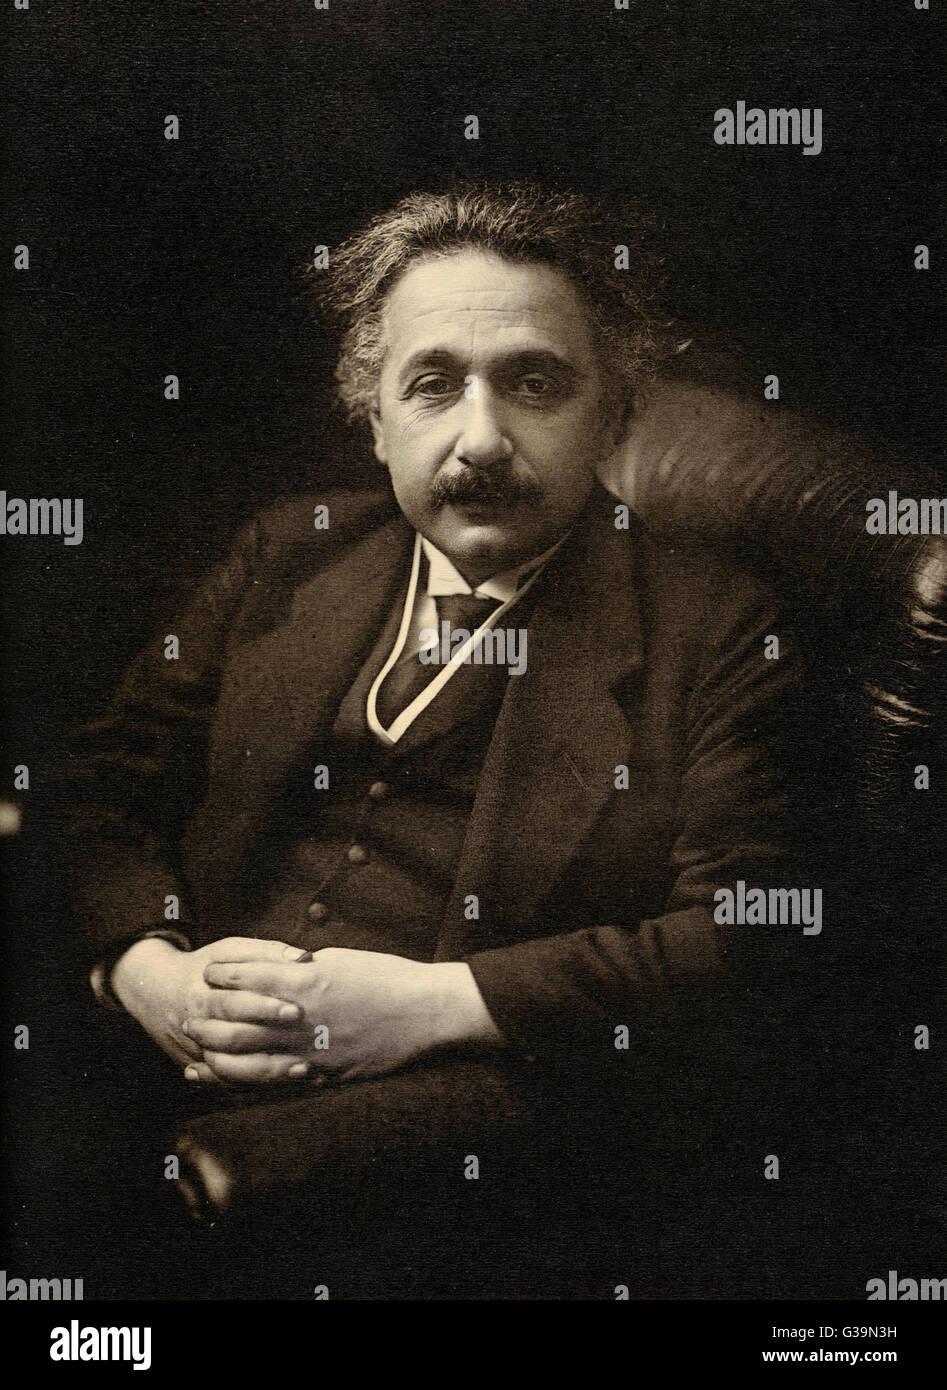 ALBERT EINSTEIN  scientist        Date: 1879 - 1955 - Stock Image